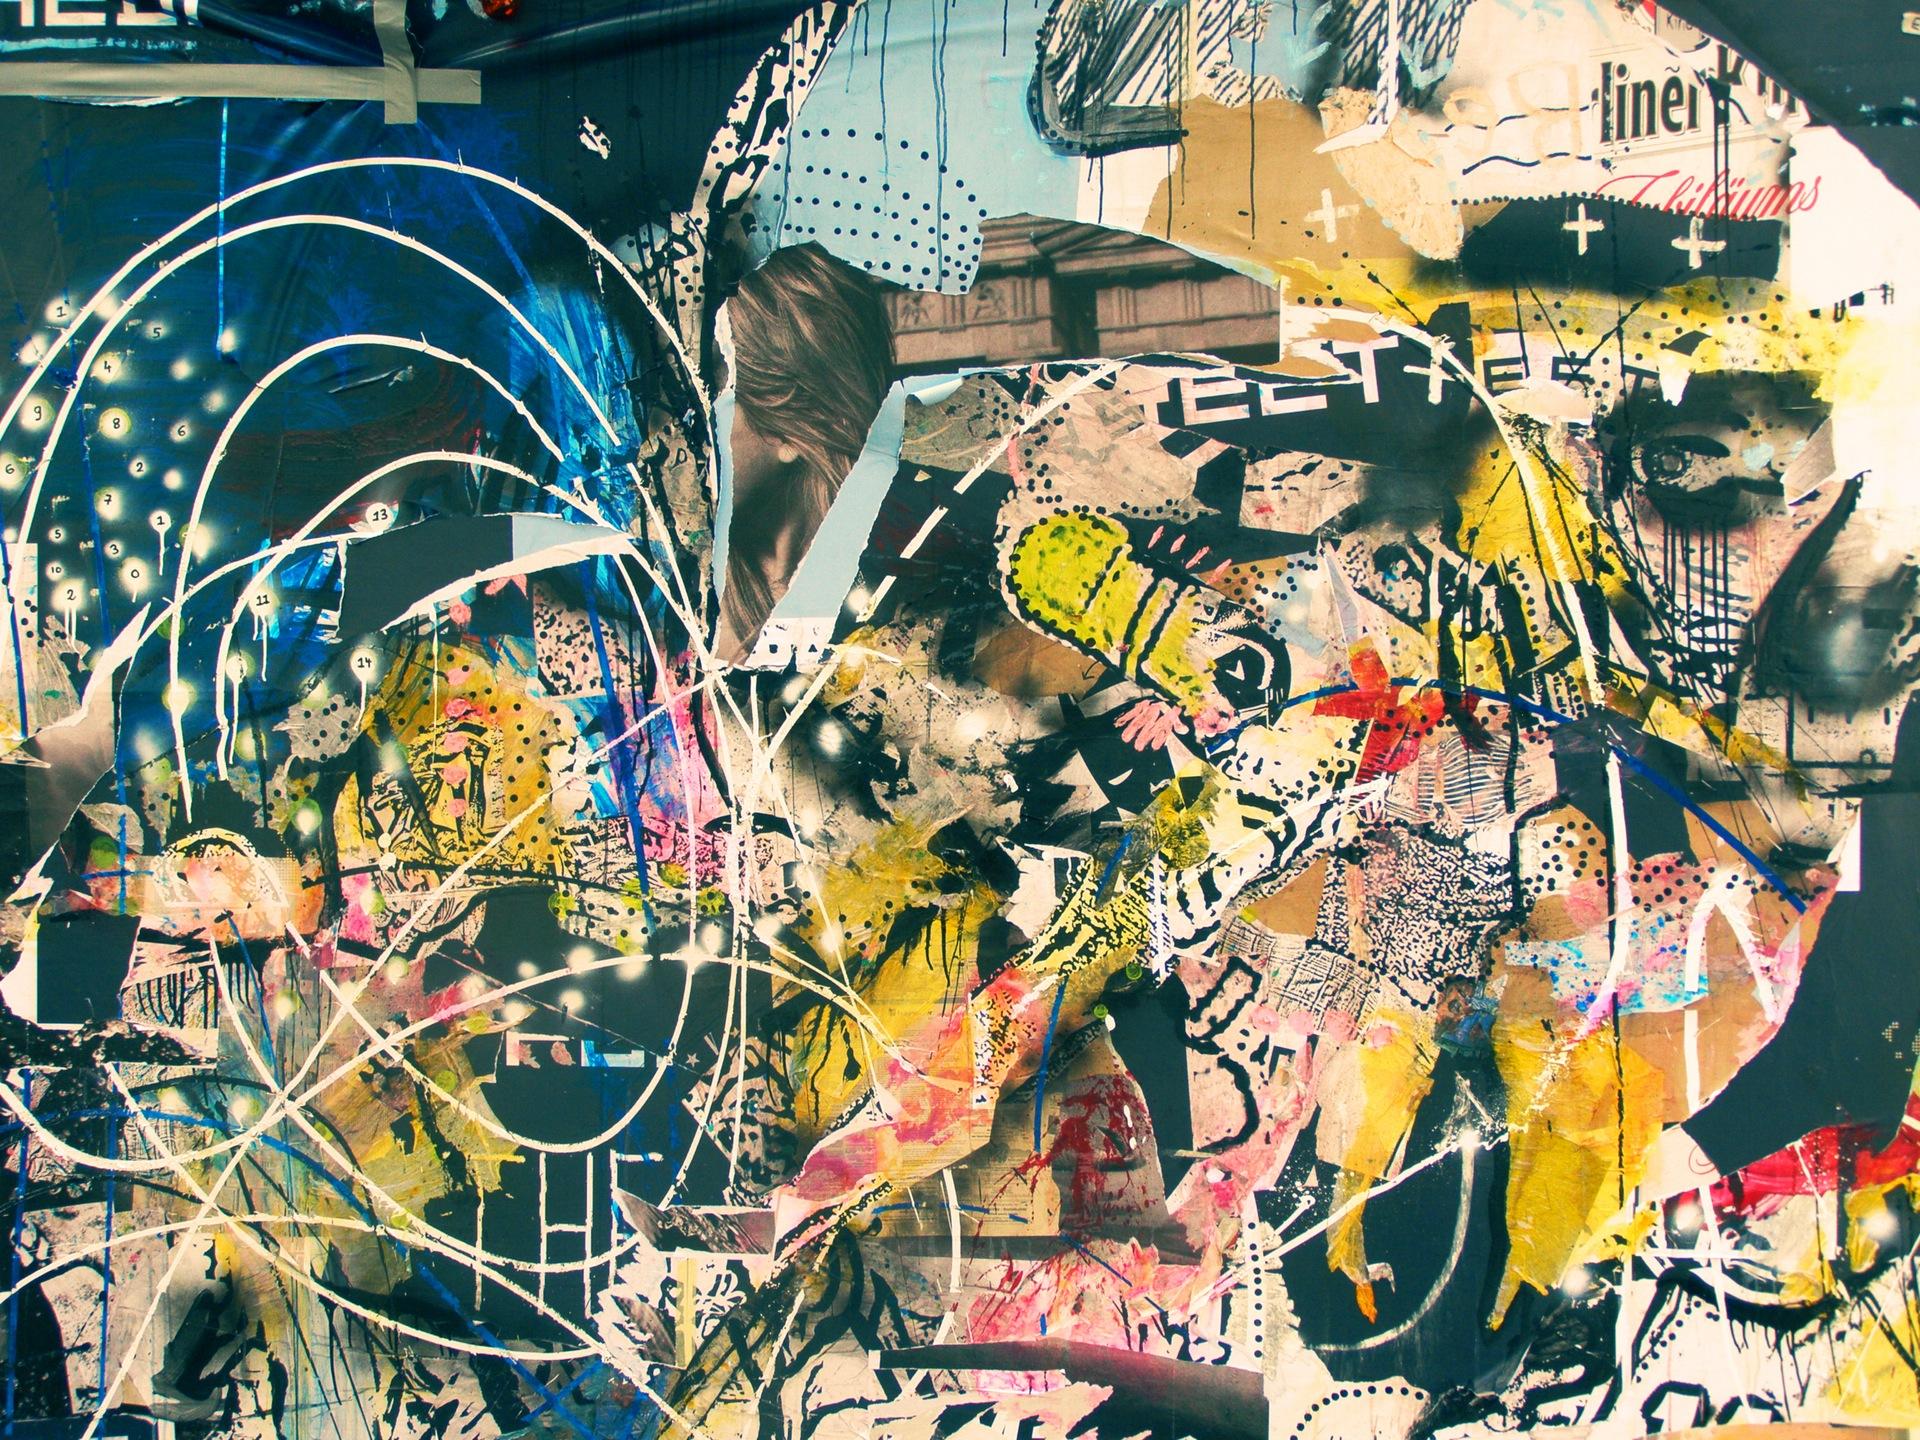 Γκράφιτι, τέχνη, έμπνευση, Οδός, αστική - HD ταπετσαρία - Professor-falken.com